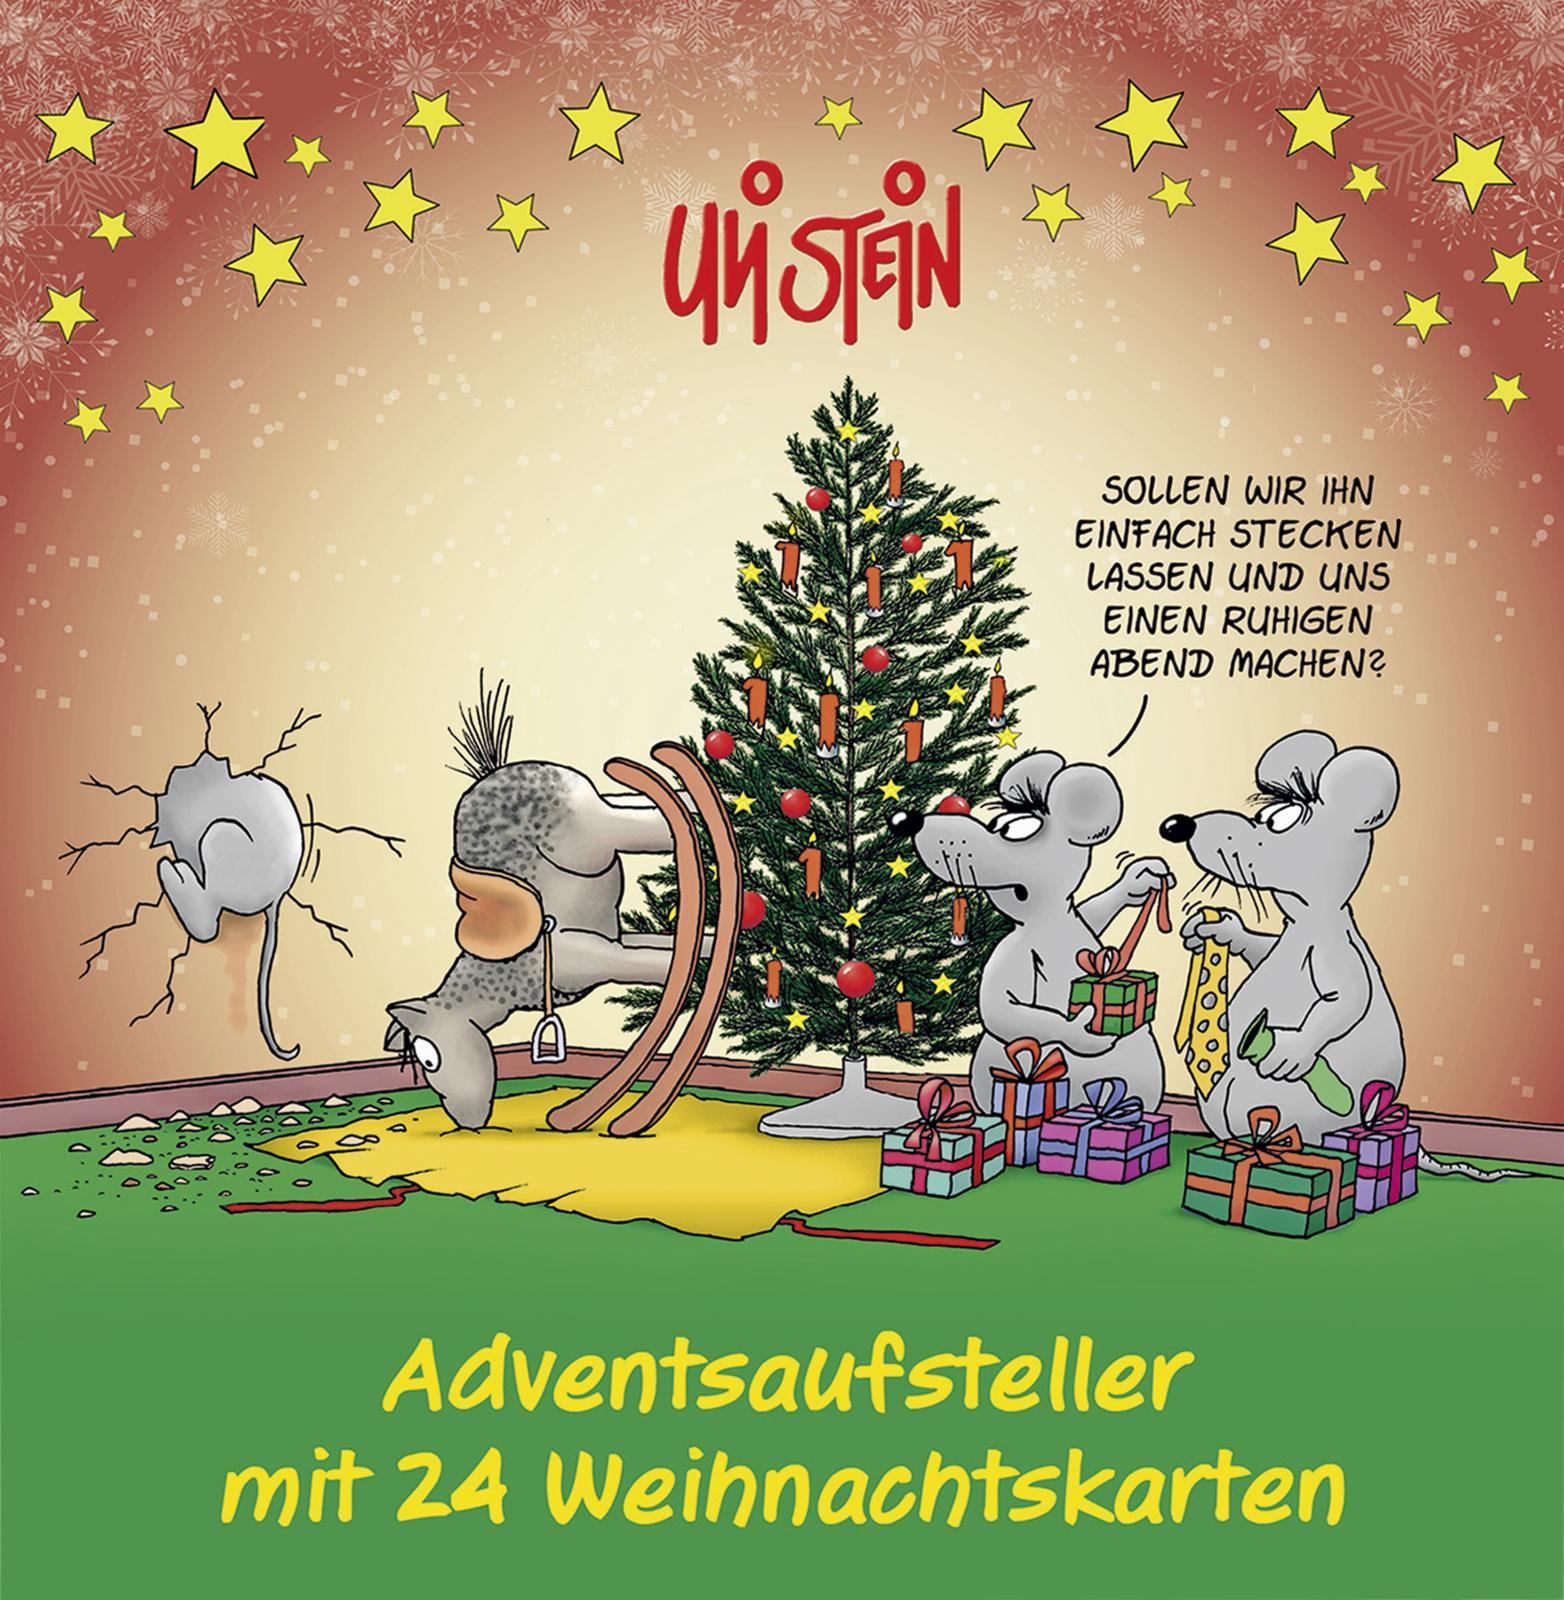 Kalender Adventsaufsteller mit 24 Weihnachtskarten Comic Theorie ...